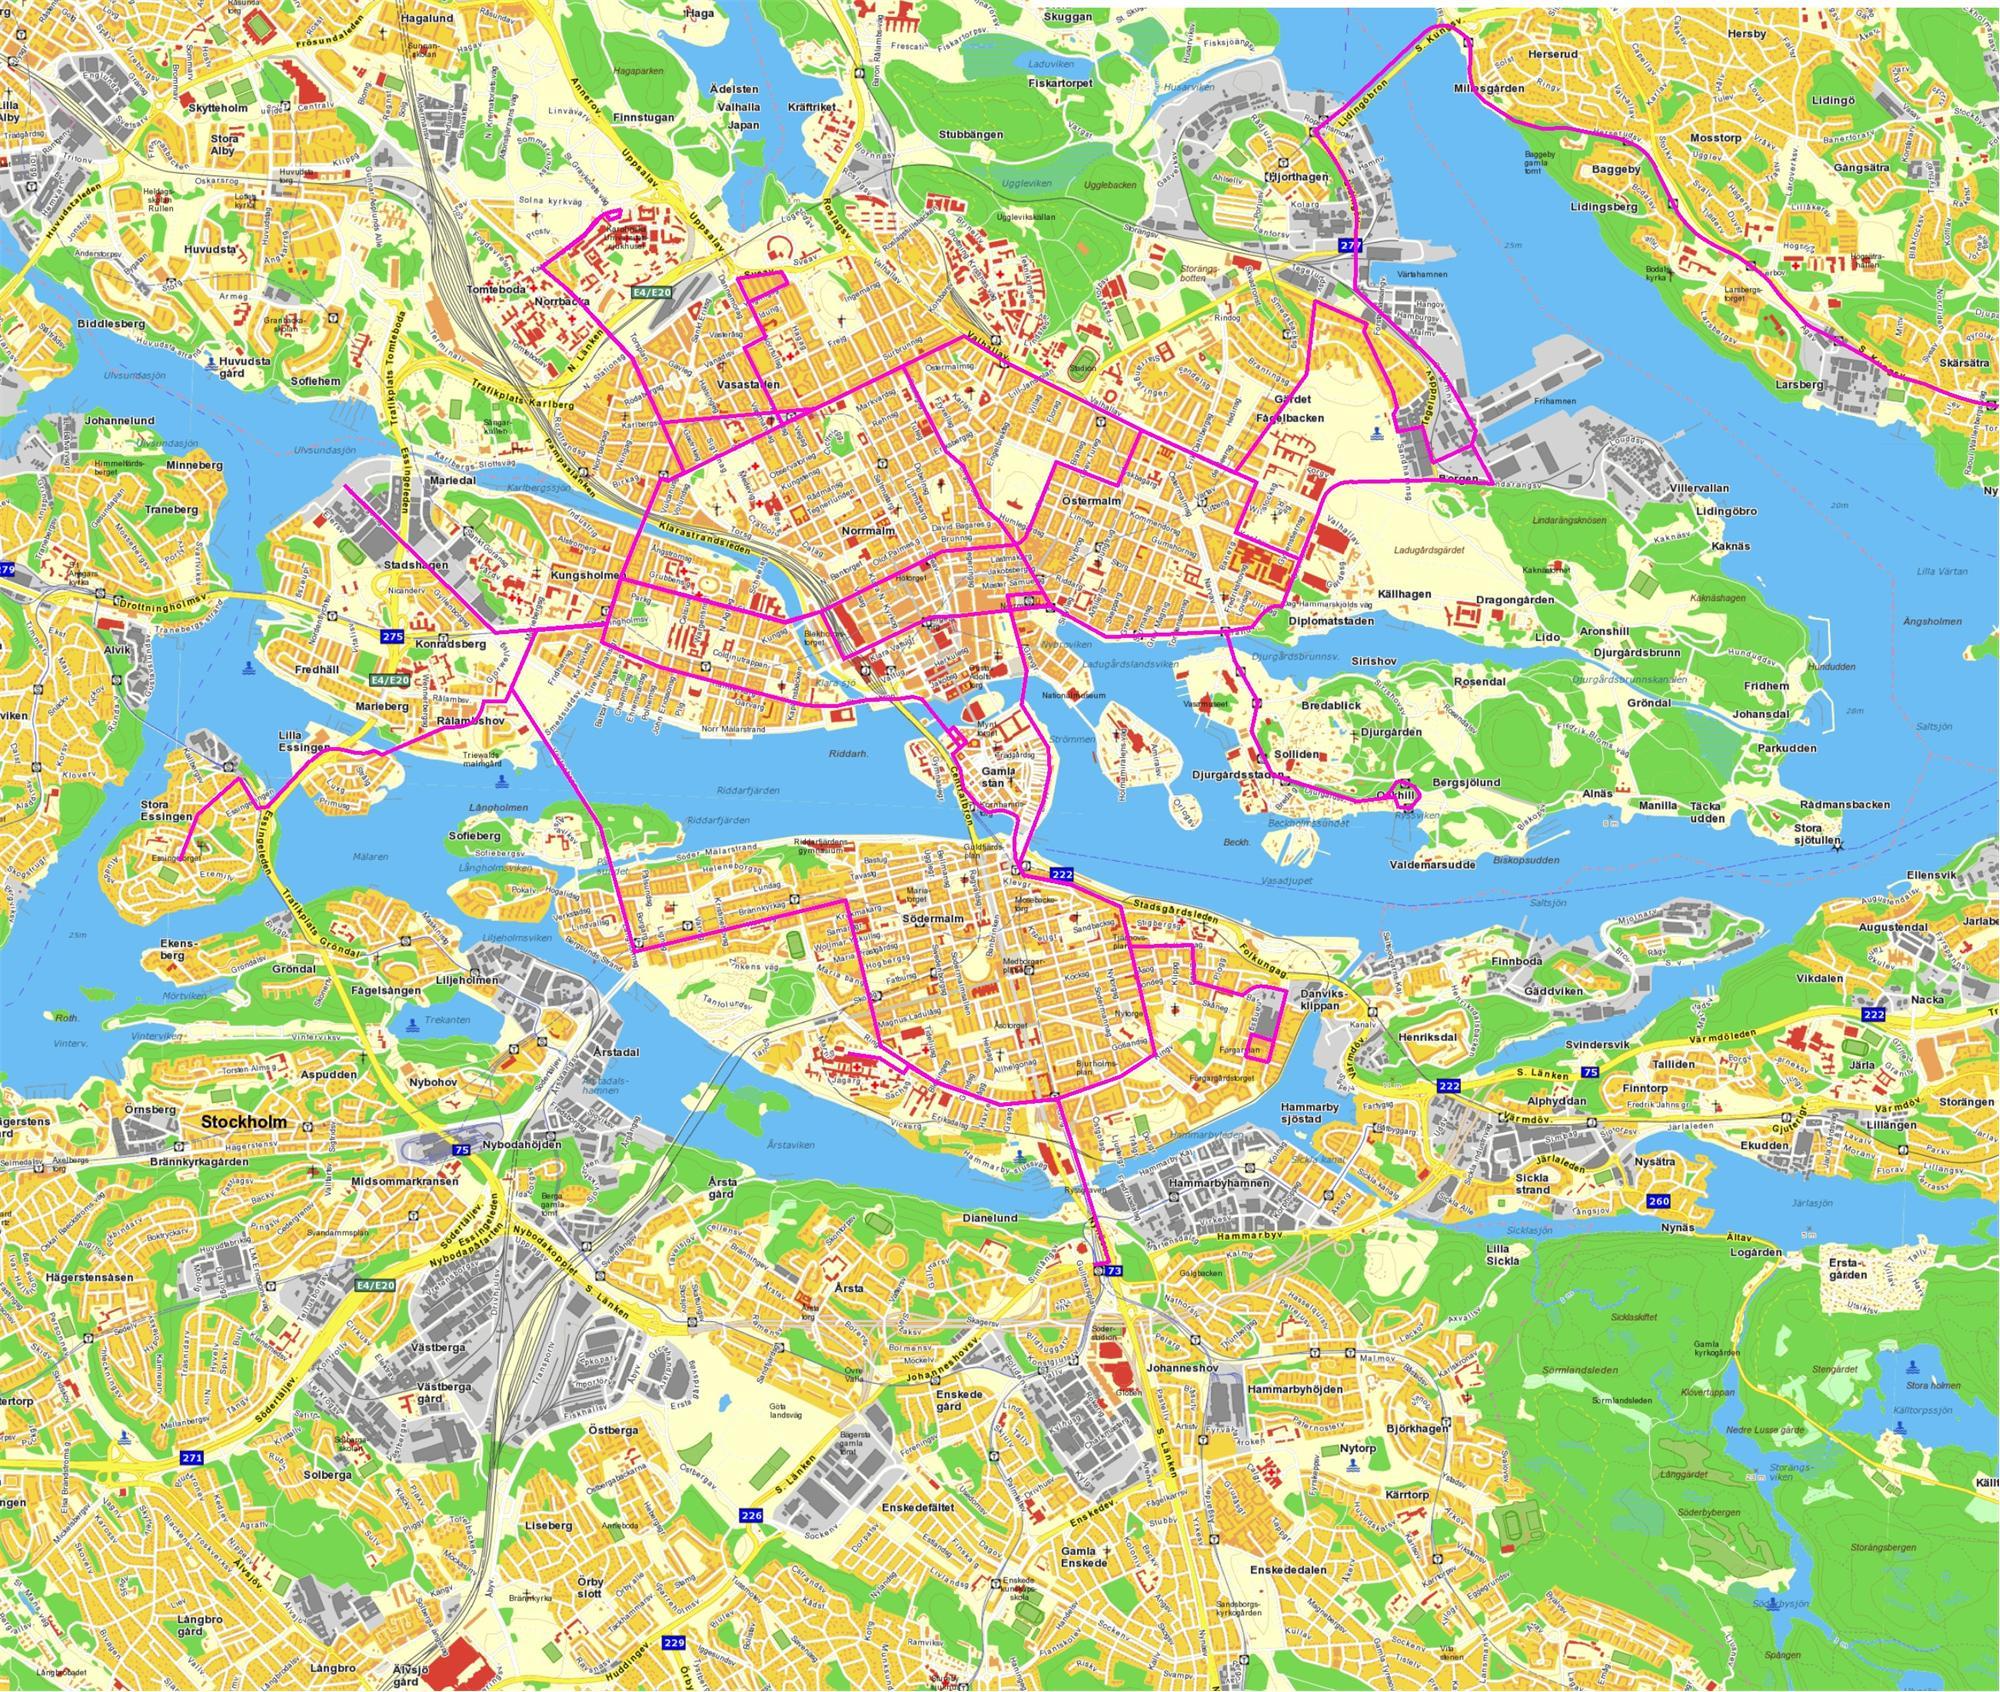 karta över stockholms förorter Mina kartor över innerstans spårtrafik   YIMBY Stockholm karta över stockholms förorter